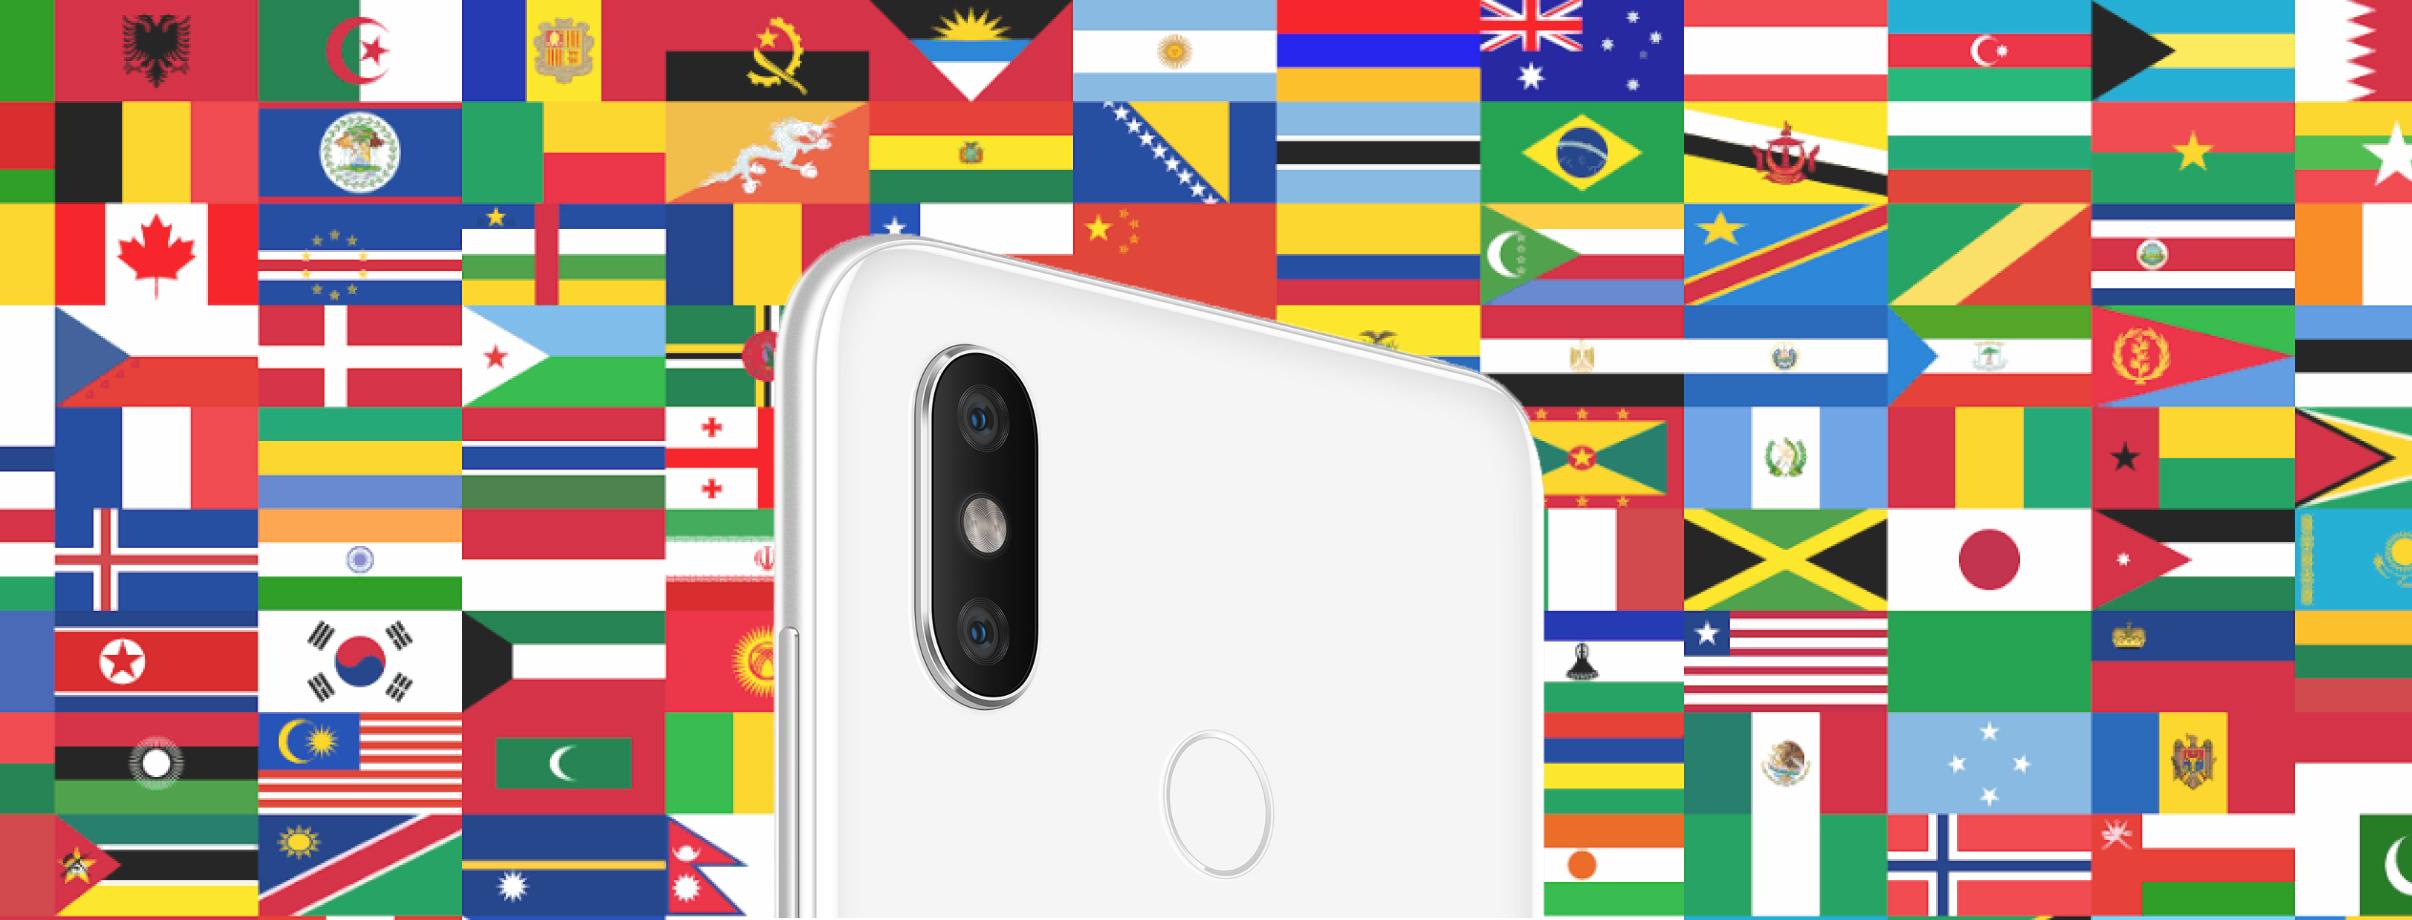 Как изменить регион на Андроид ТВ